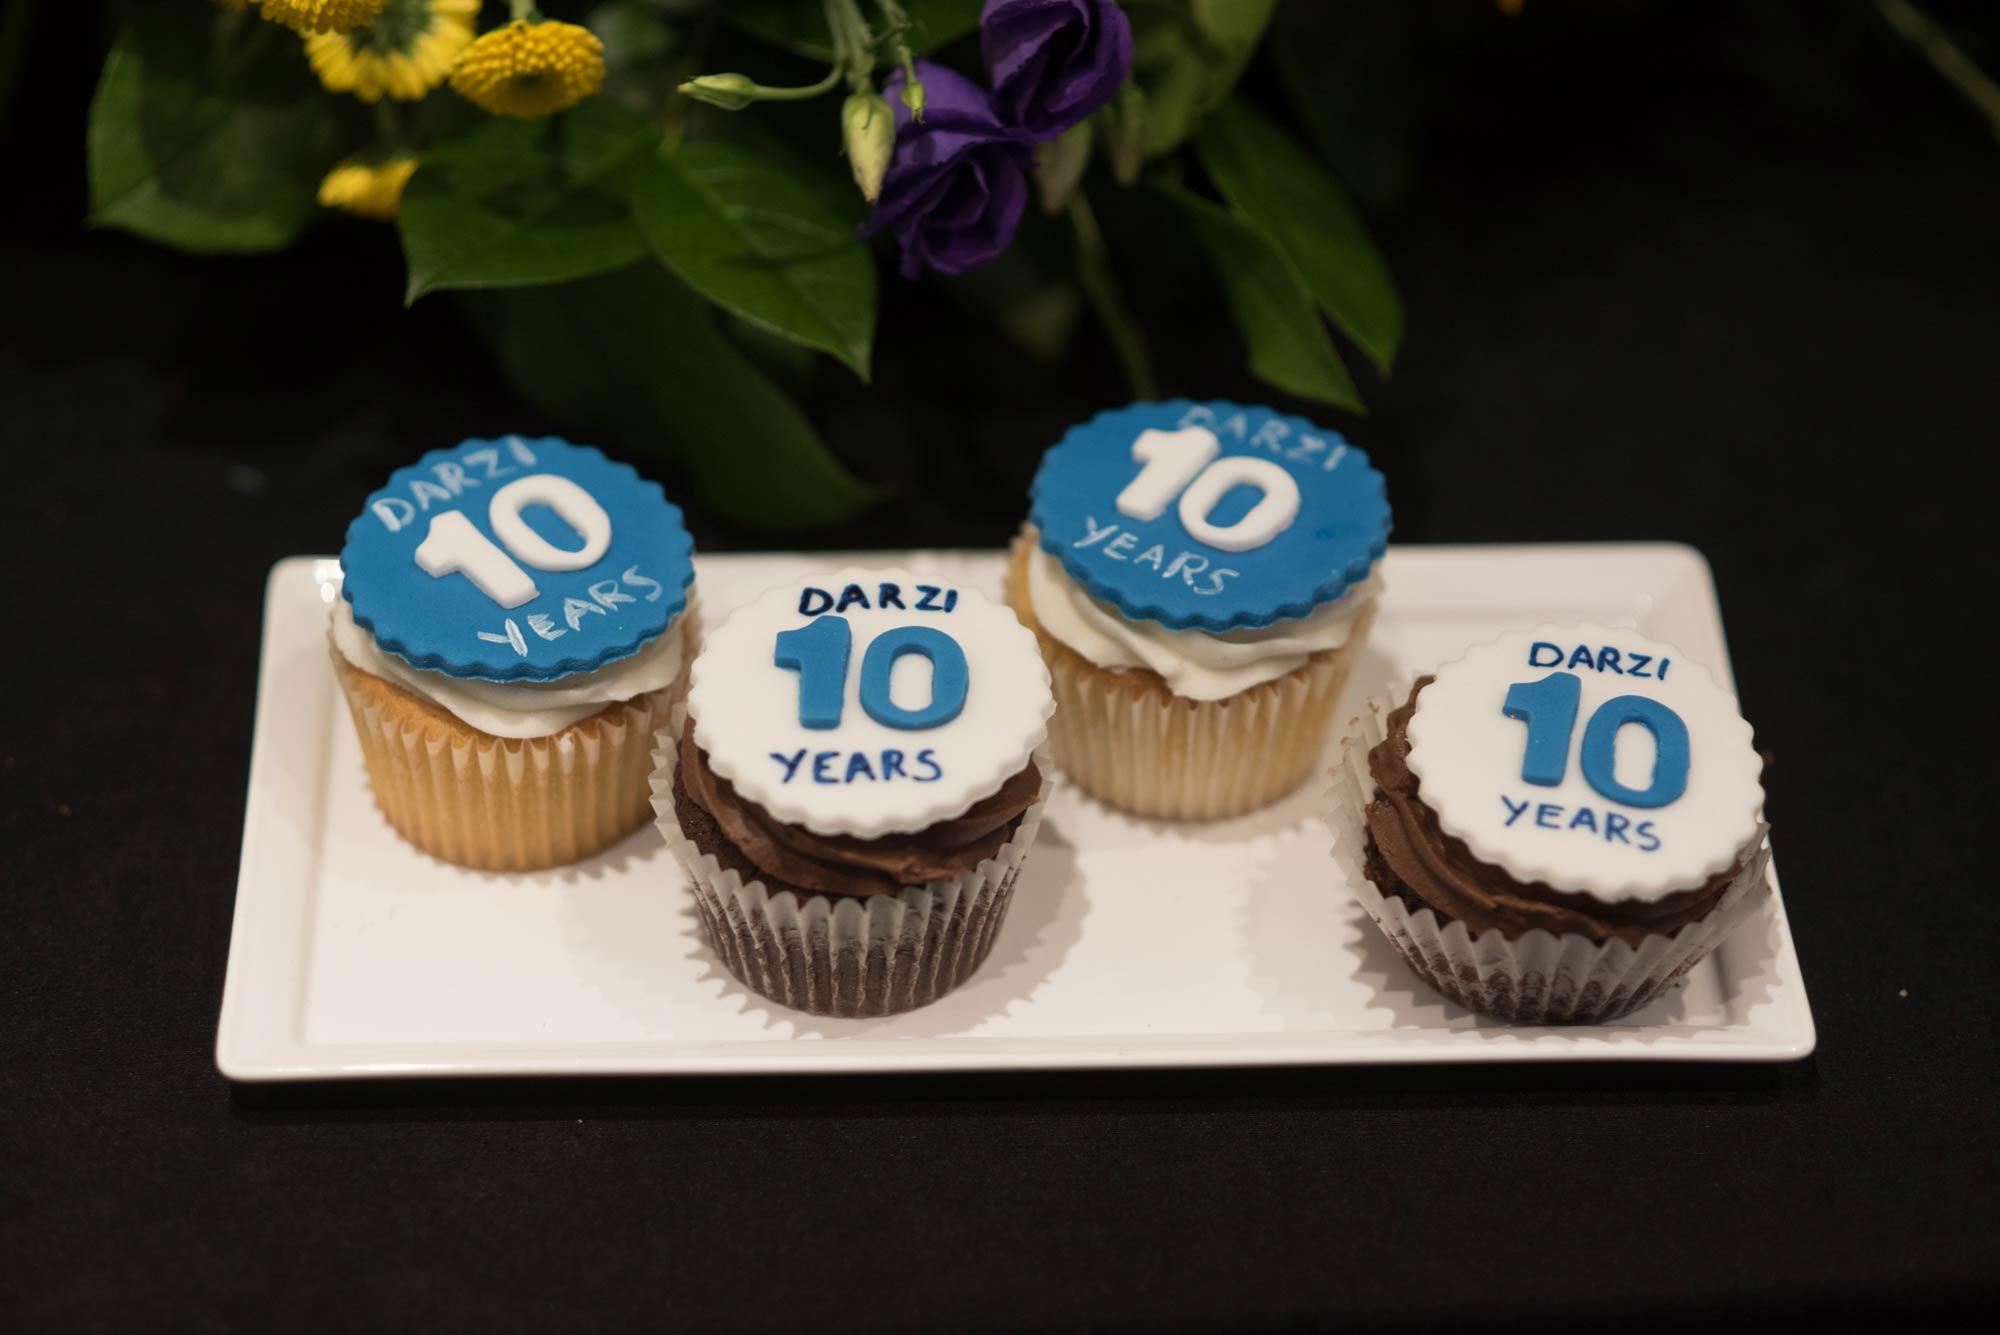 10 years of the Darzi Fellowship